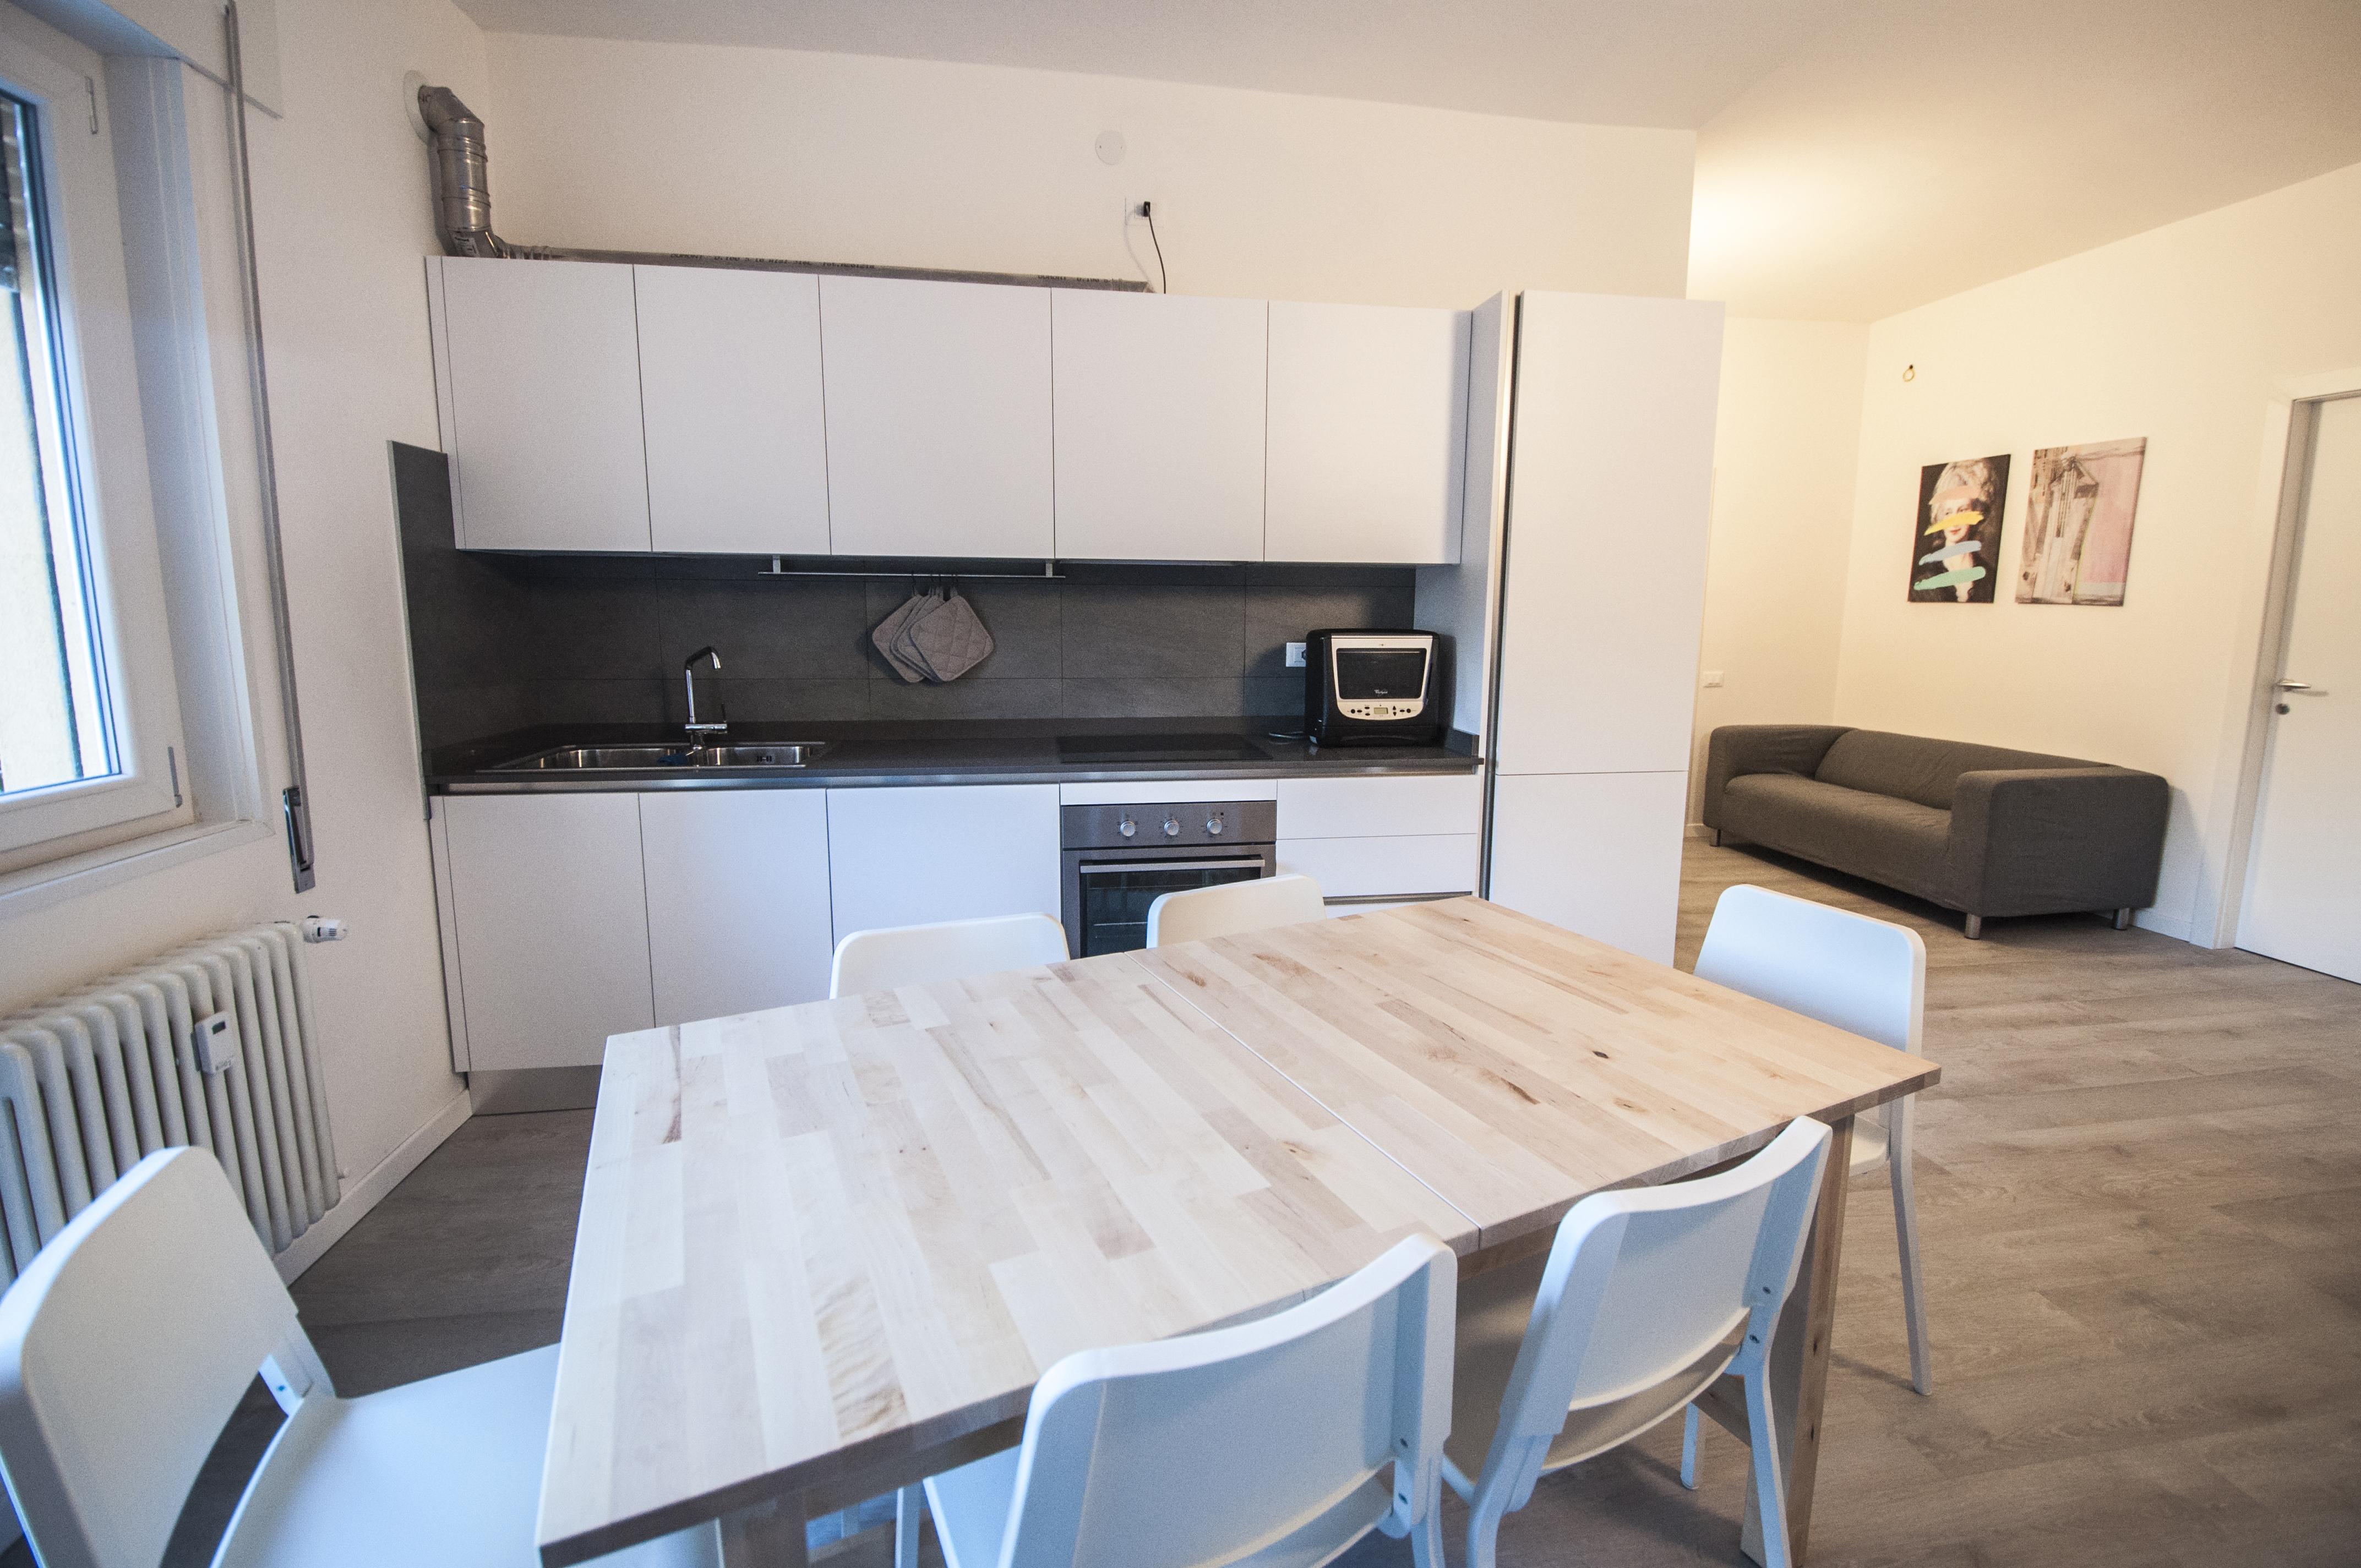 Camere in affitto-Treviso-Ospedale-Stazione-Studio-Architettura-Zanatta_09